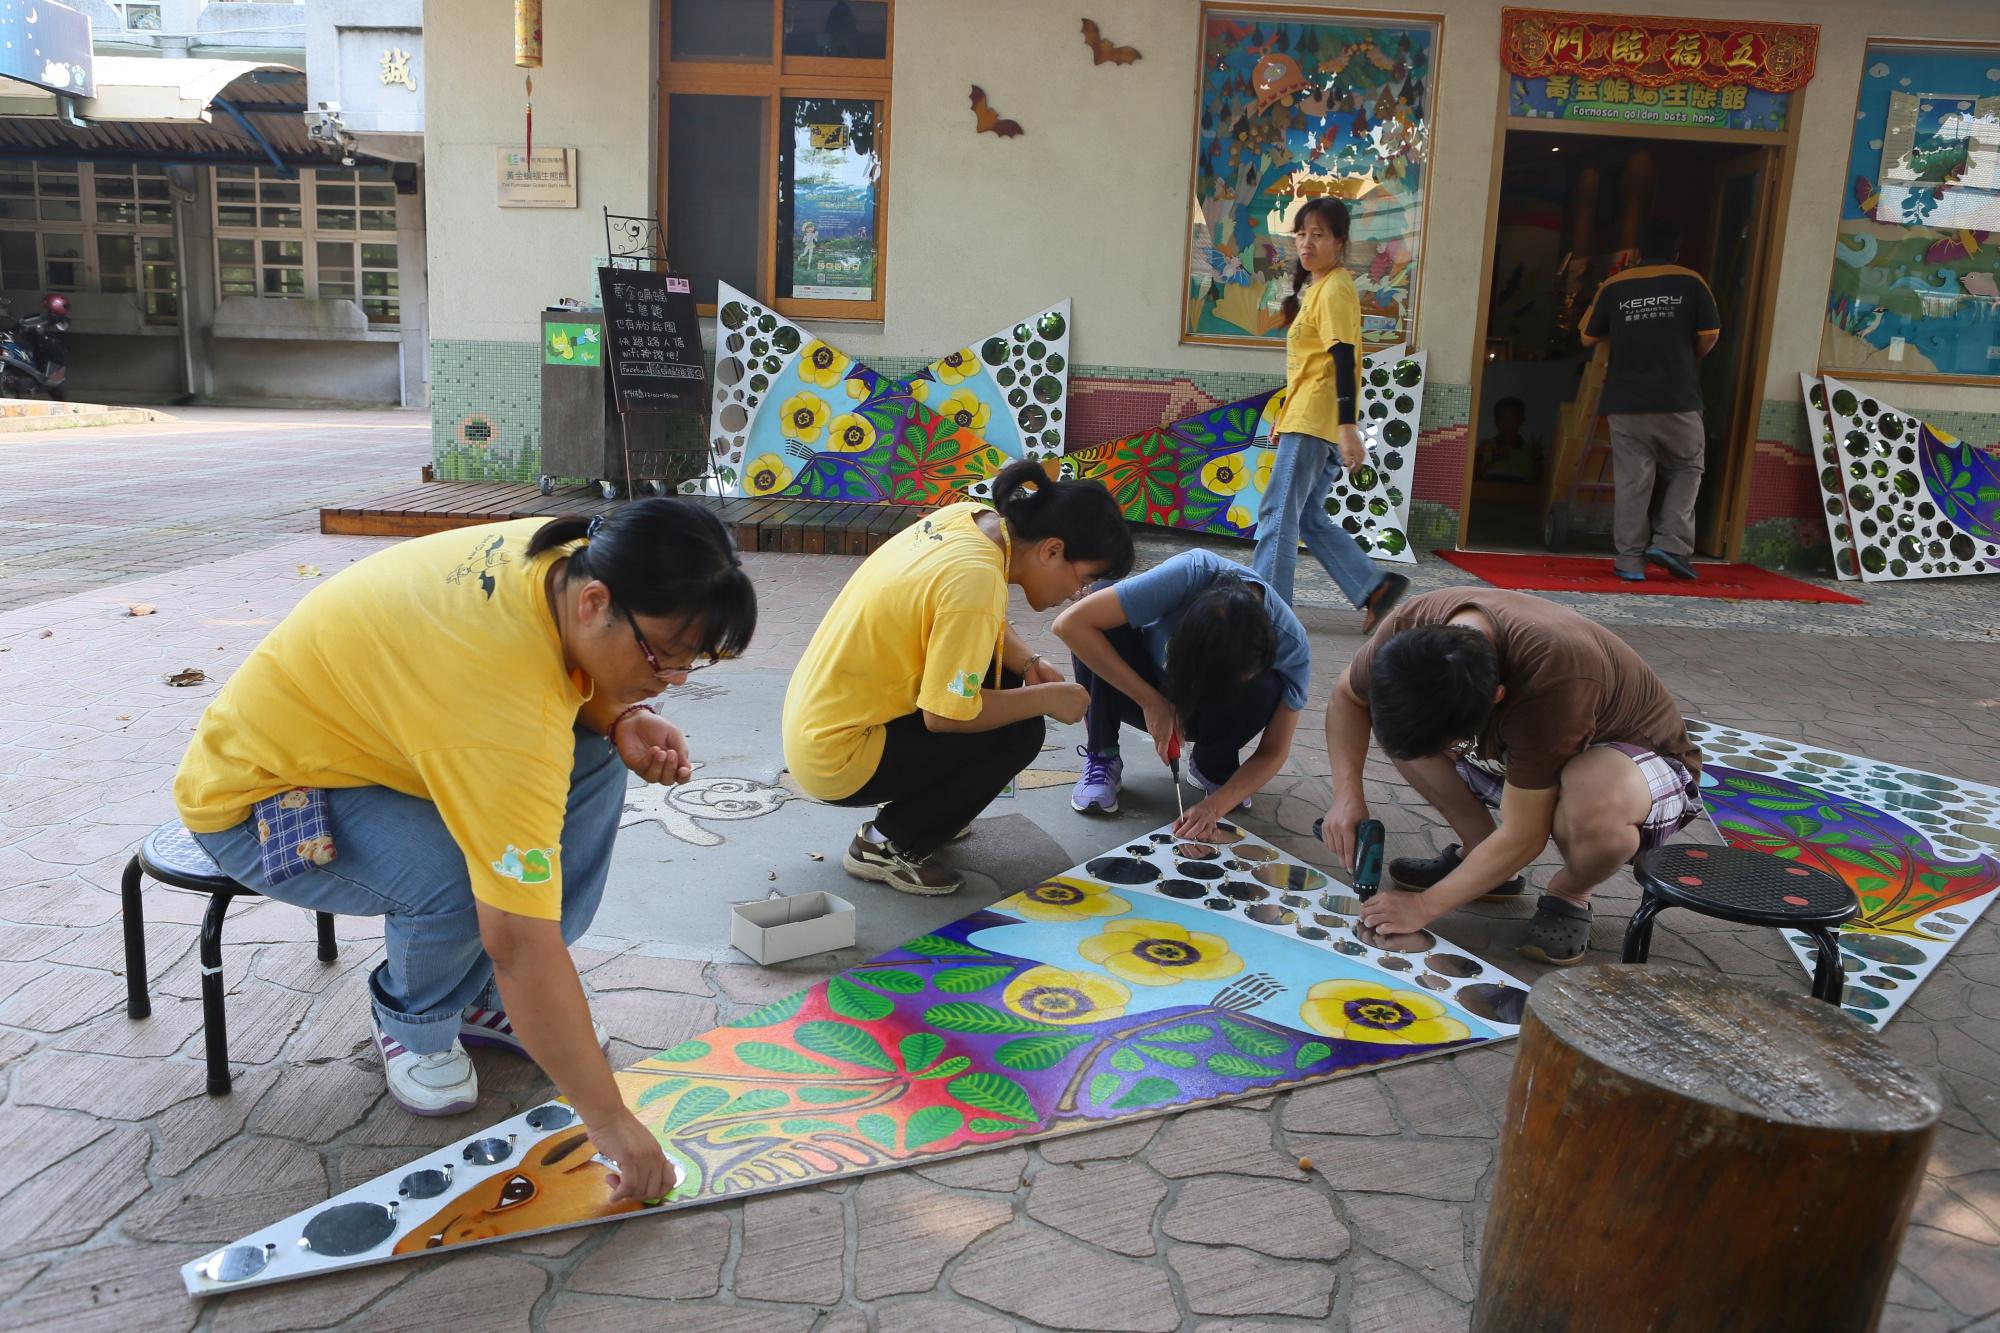 台灣永續聯盟人員正在製作裝置藝術